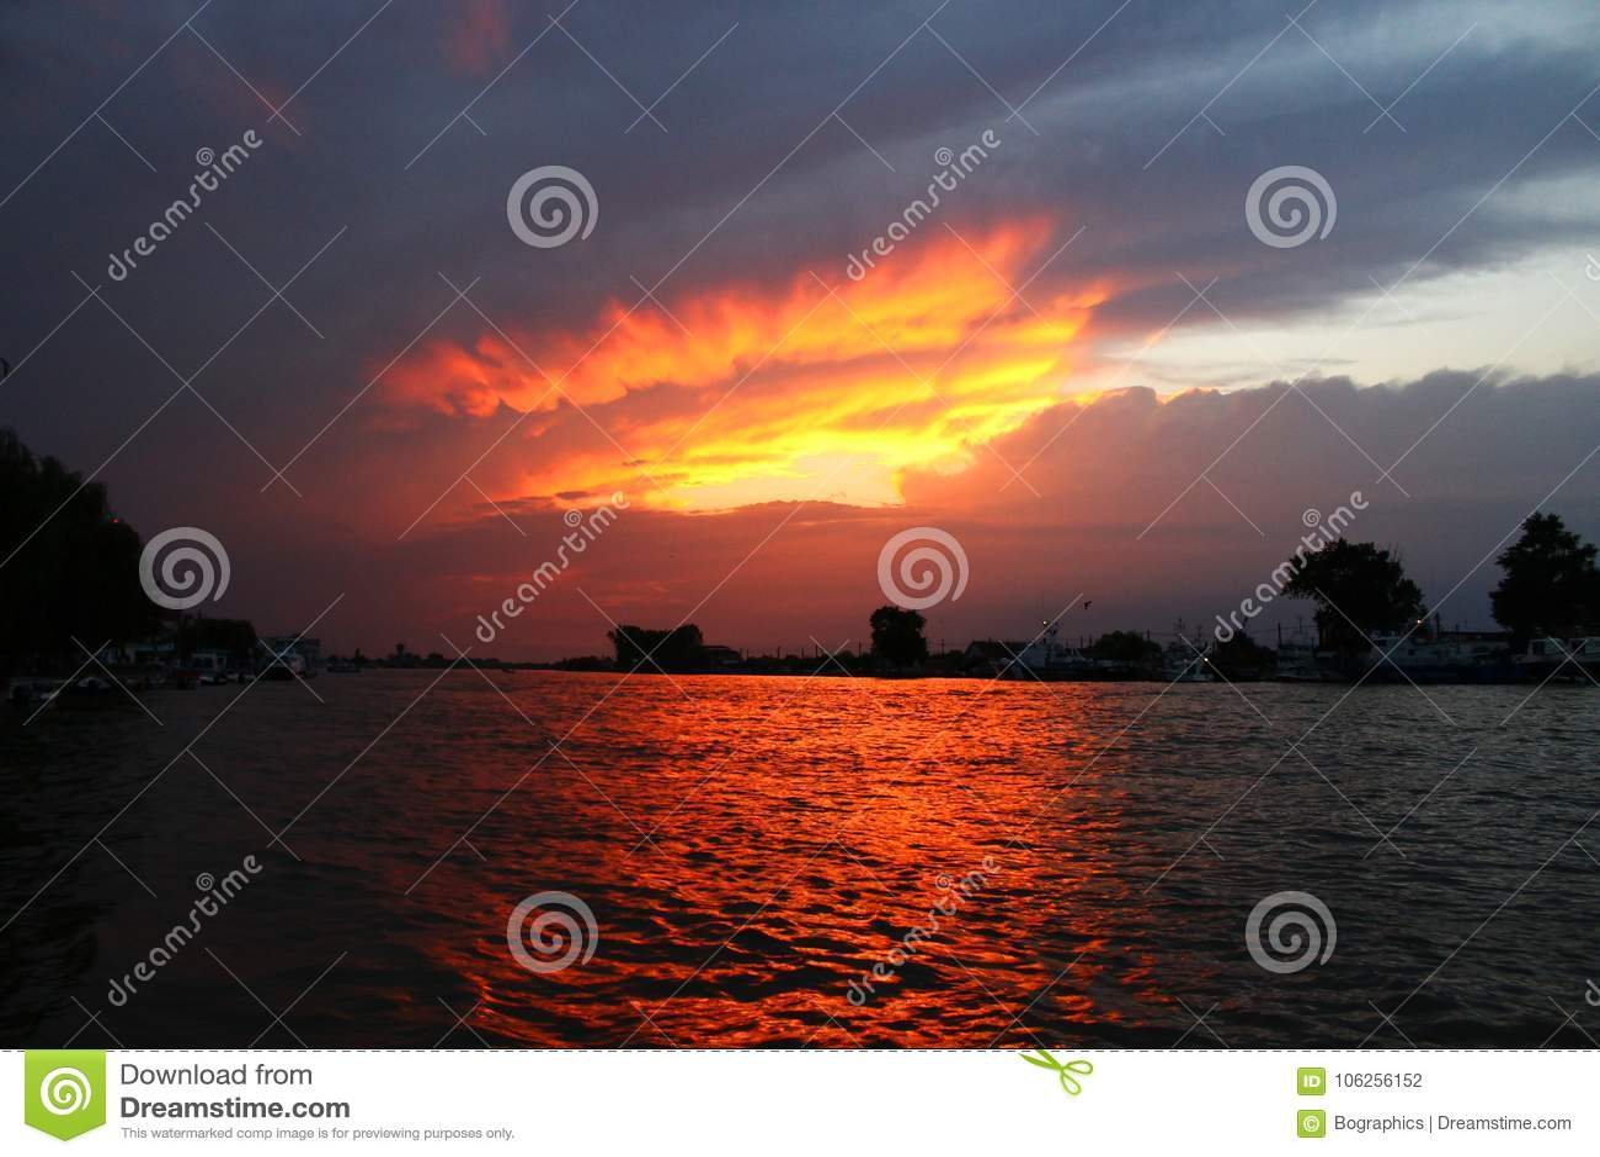 Zadziwiający pomarańczowy zmierzch między chmurami nad wodą